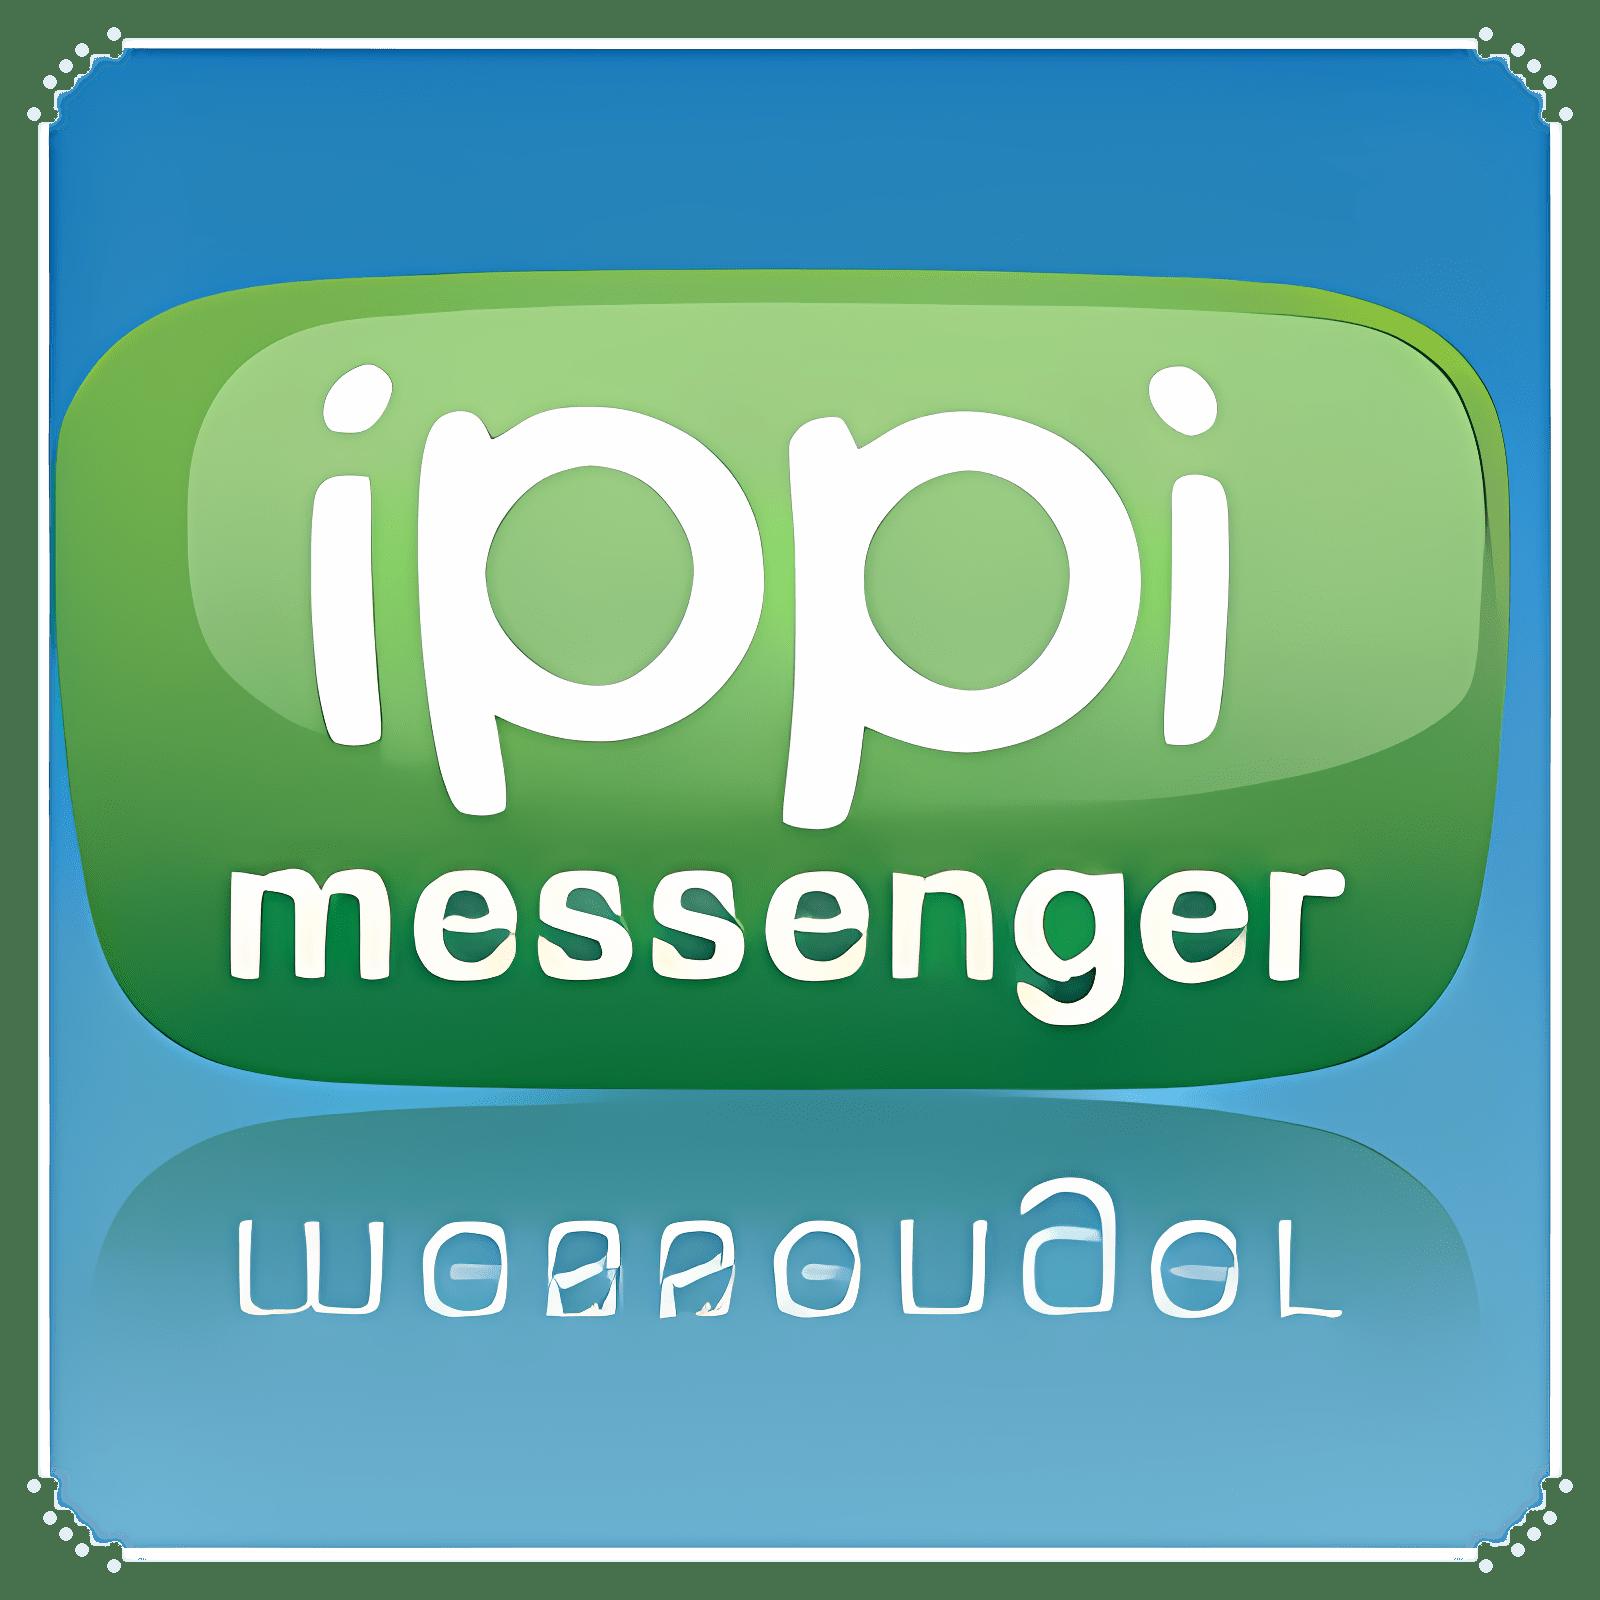 Ippi Messenger